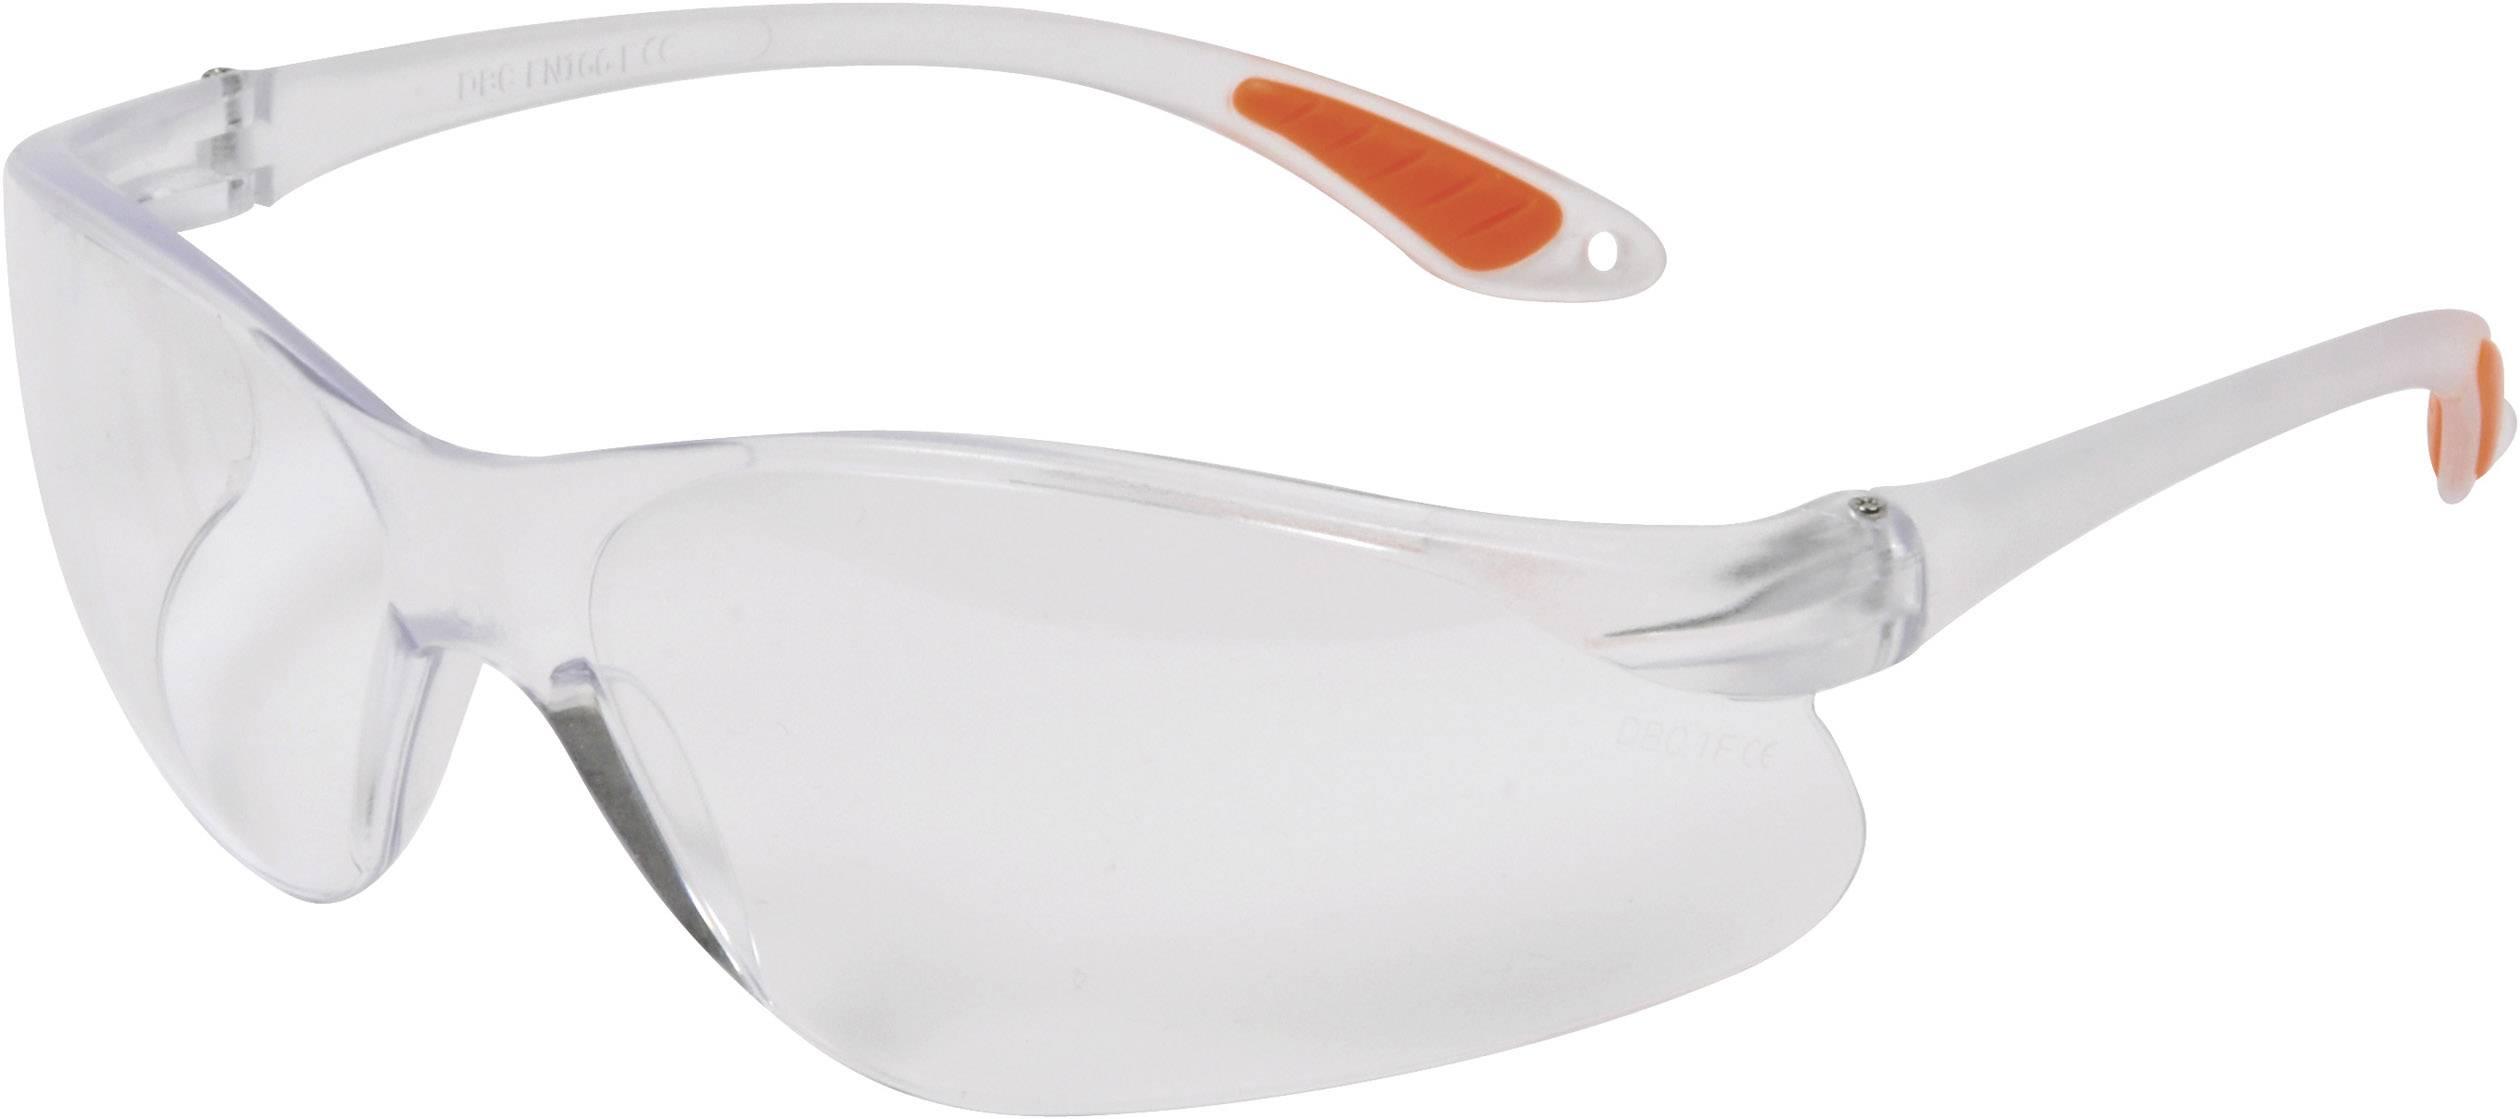 Ochranné okuliare AVIT AV13024